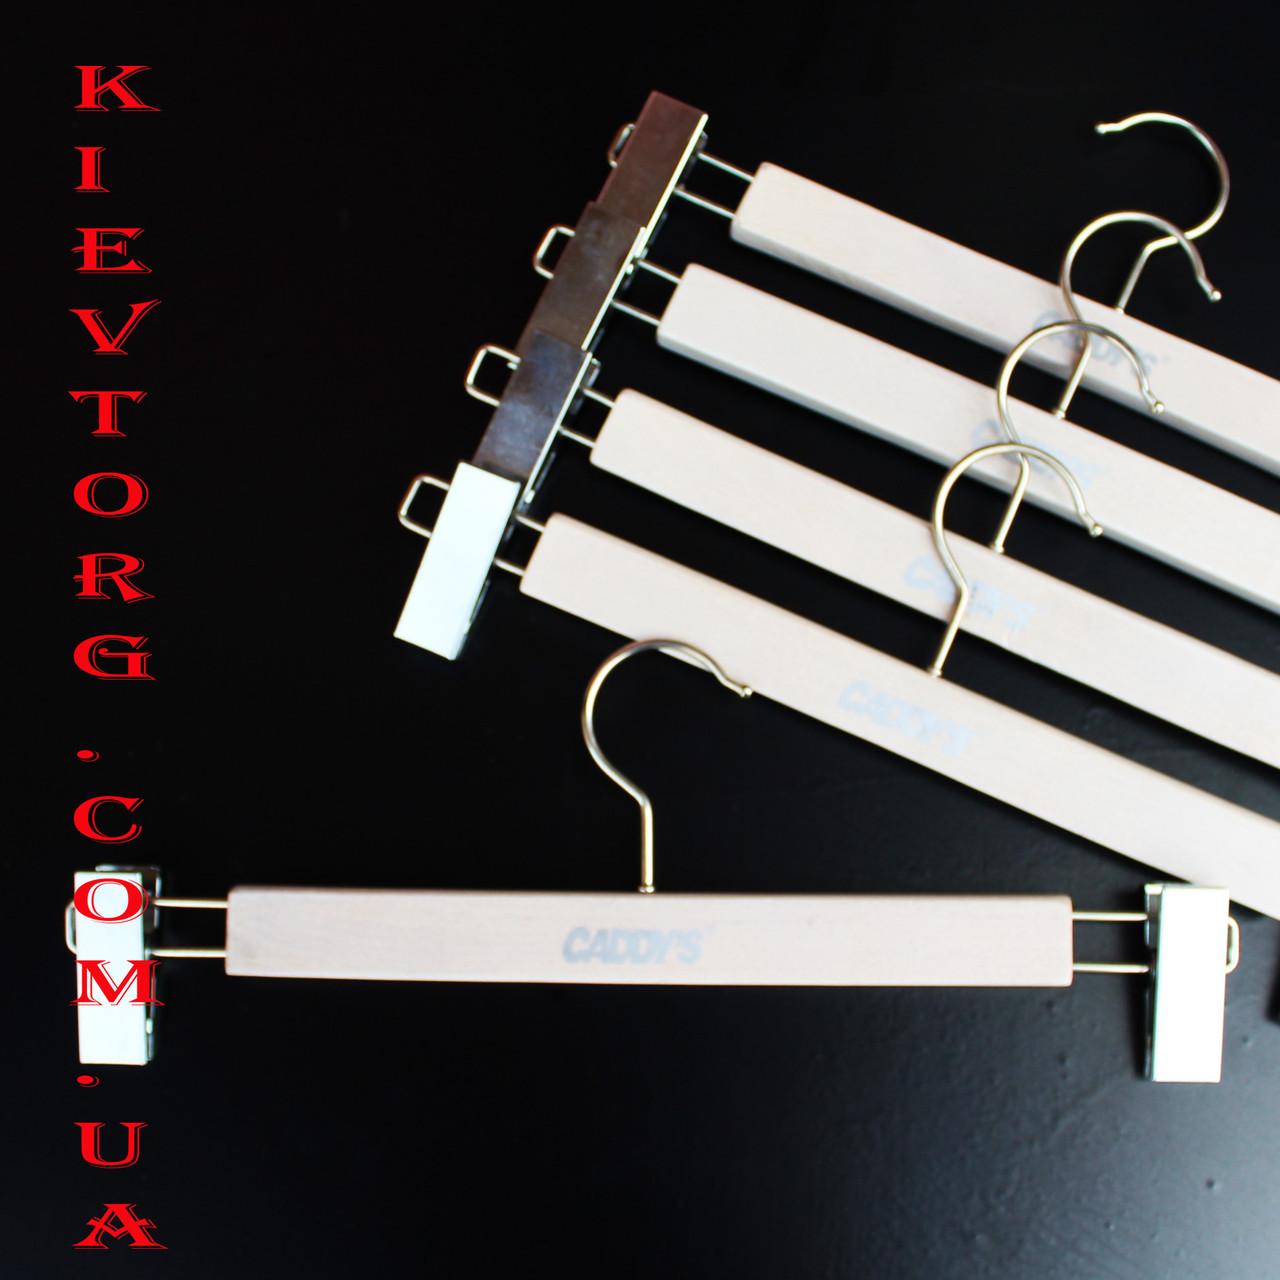 41 см Вешалки тремпеля плечики деревянные для брюк и юбок с прищепками (брючные) для дома в гардероб